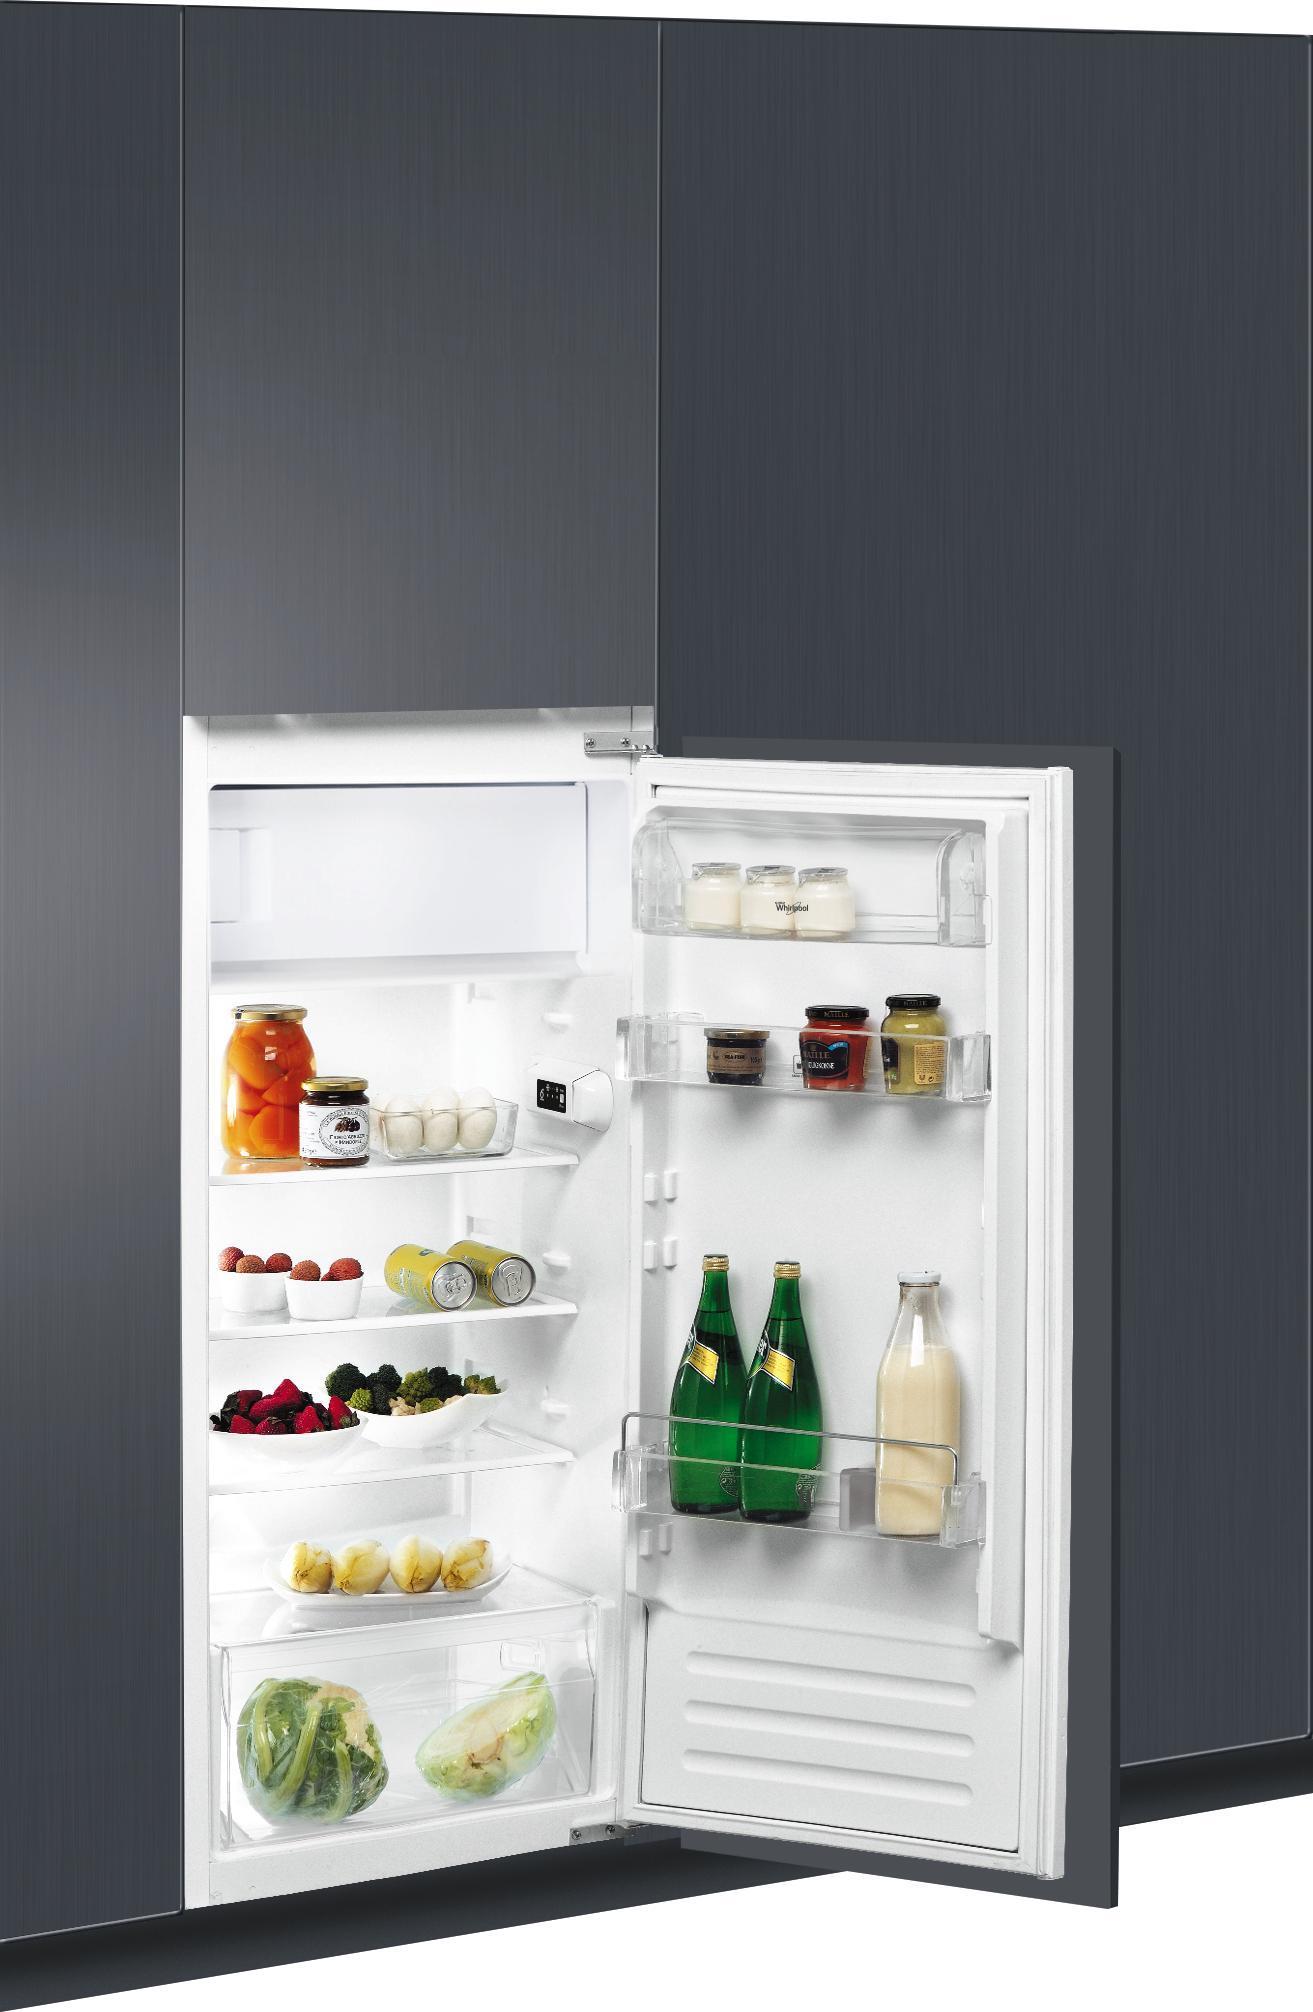 Kühlschrank Mit Gefrierfach Klein : Whirlpool einbau kühlschrank mit gefrierfach arg a online